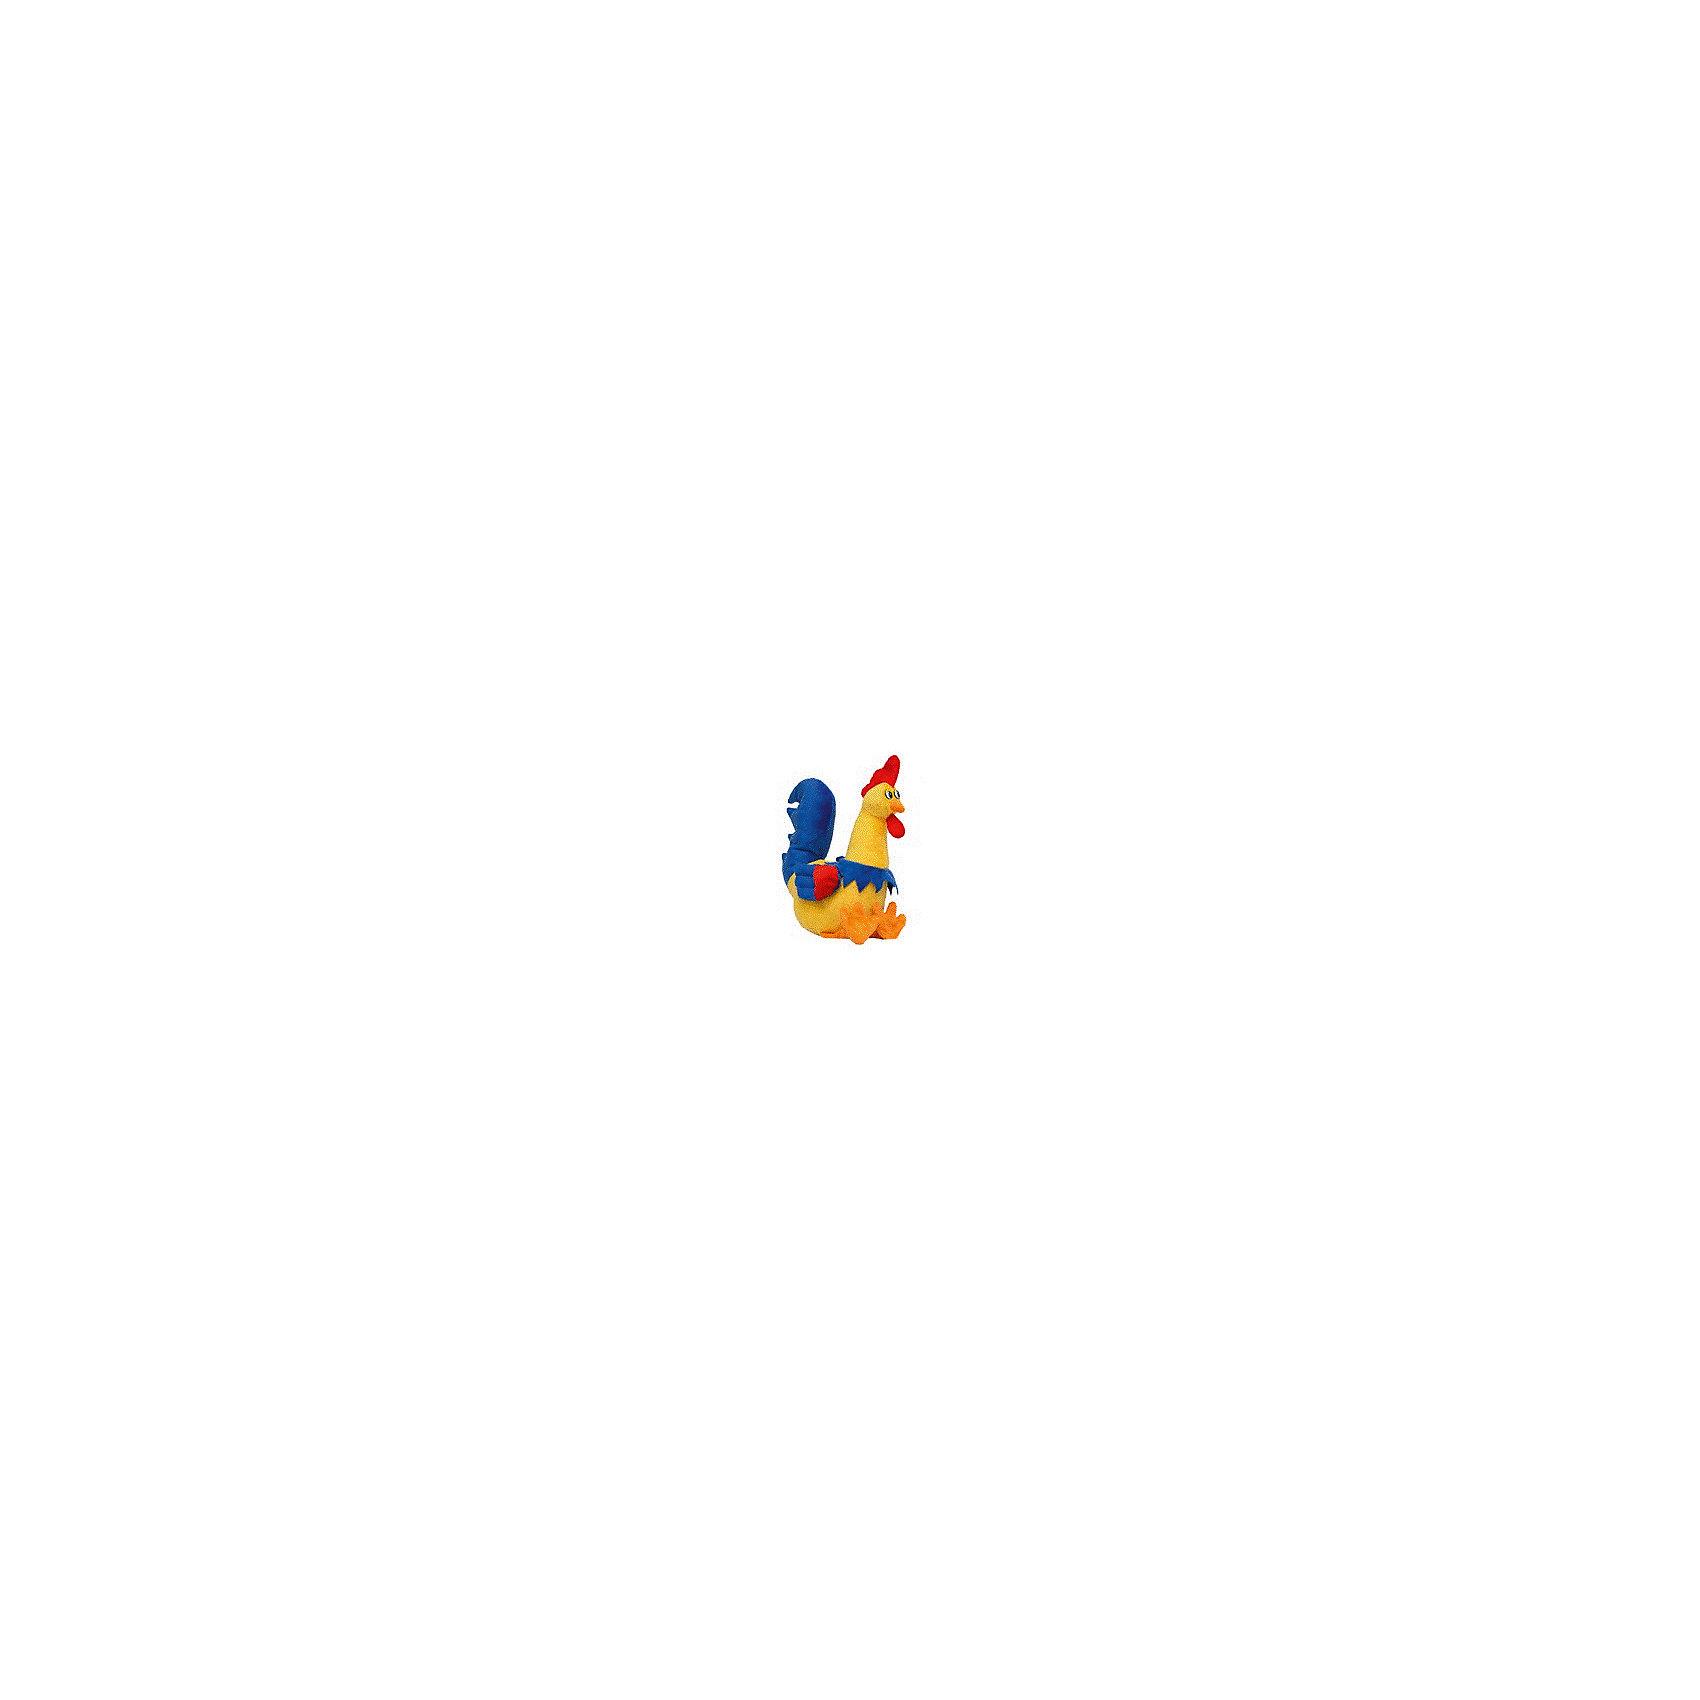 Пуффи Мягкая игрушка Красавец Петя 35 см, ПУФФИ пуффи сув обезьянка с сердцем